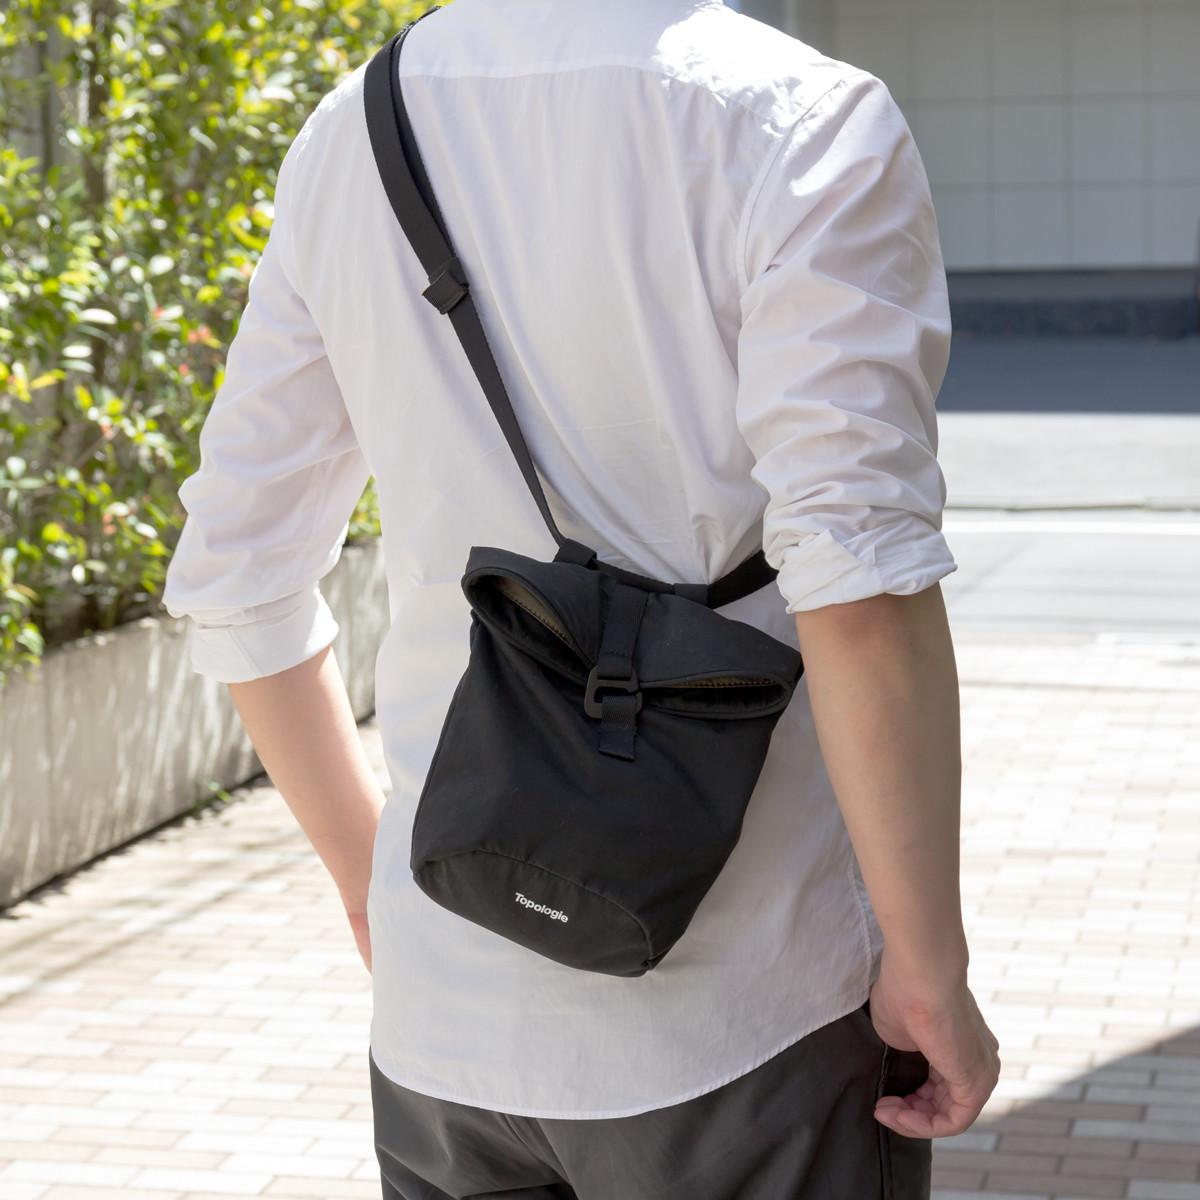 サコッシュ|男性・女性ともに取り入れやすい肩掛けスタイルができる4WAYウエストバッグ | Topologie